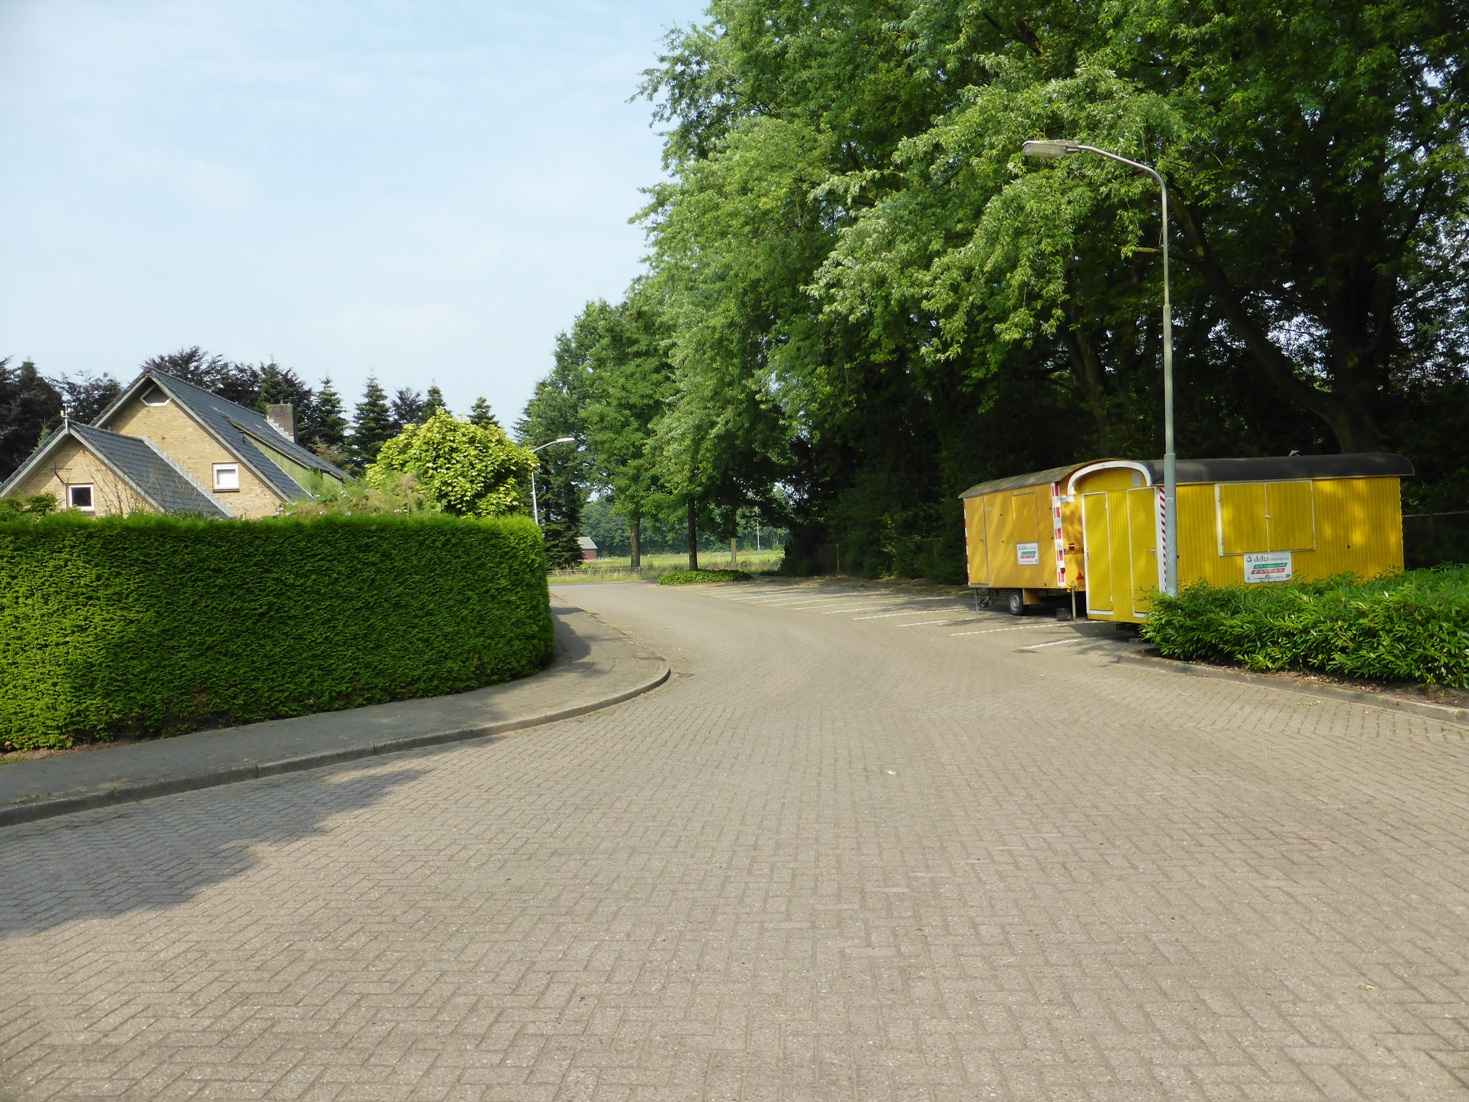 http://bomenbelang.nl/wp-content/uploads/2013/10/Thuja-5-Hengeloo.jpg